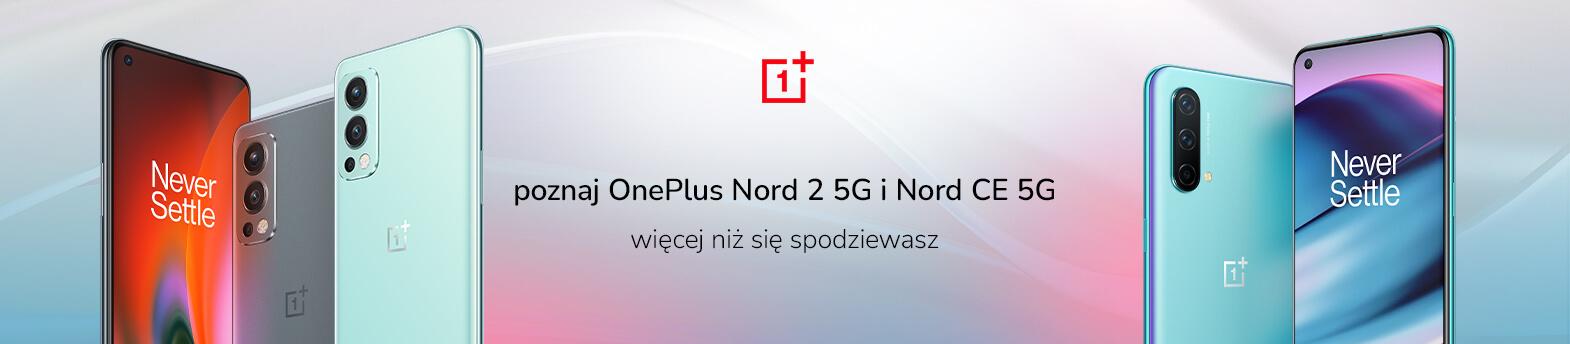 poznaj nowe smartfony OnePlus